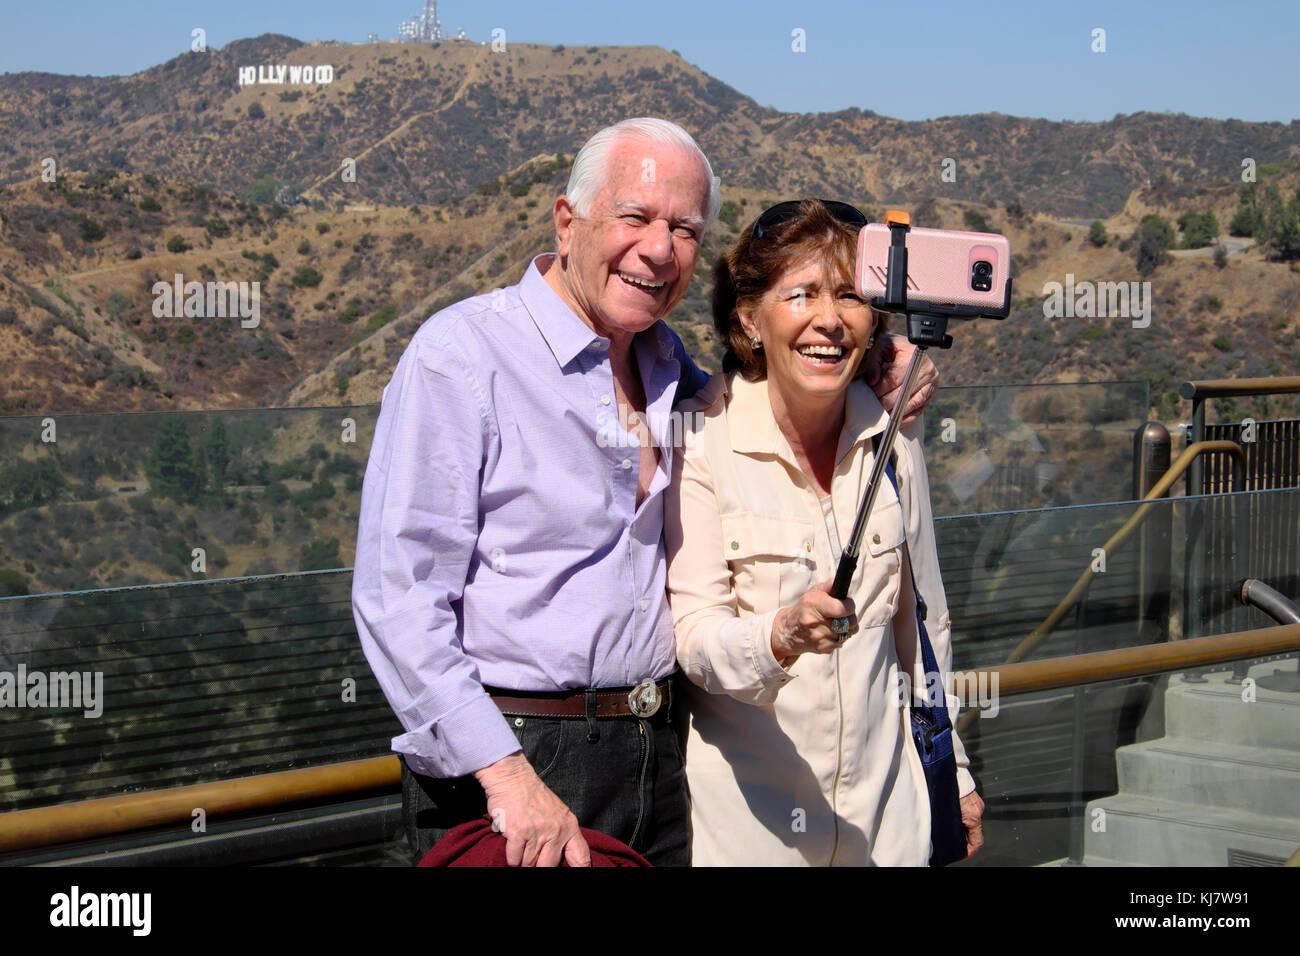 Coppia senior con selfie stick prendendo foto con cellulare fotocamera & Hollywood Sign al Parco Osservatorio Immagini Stock